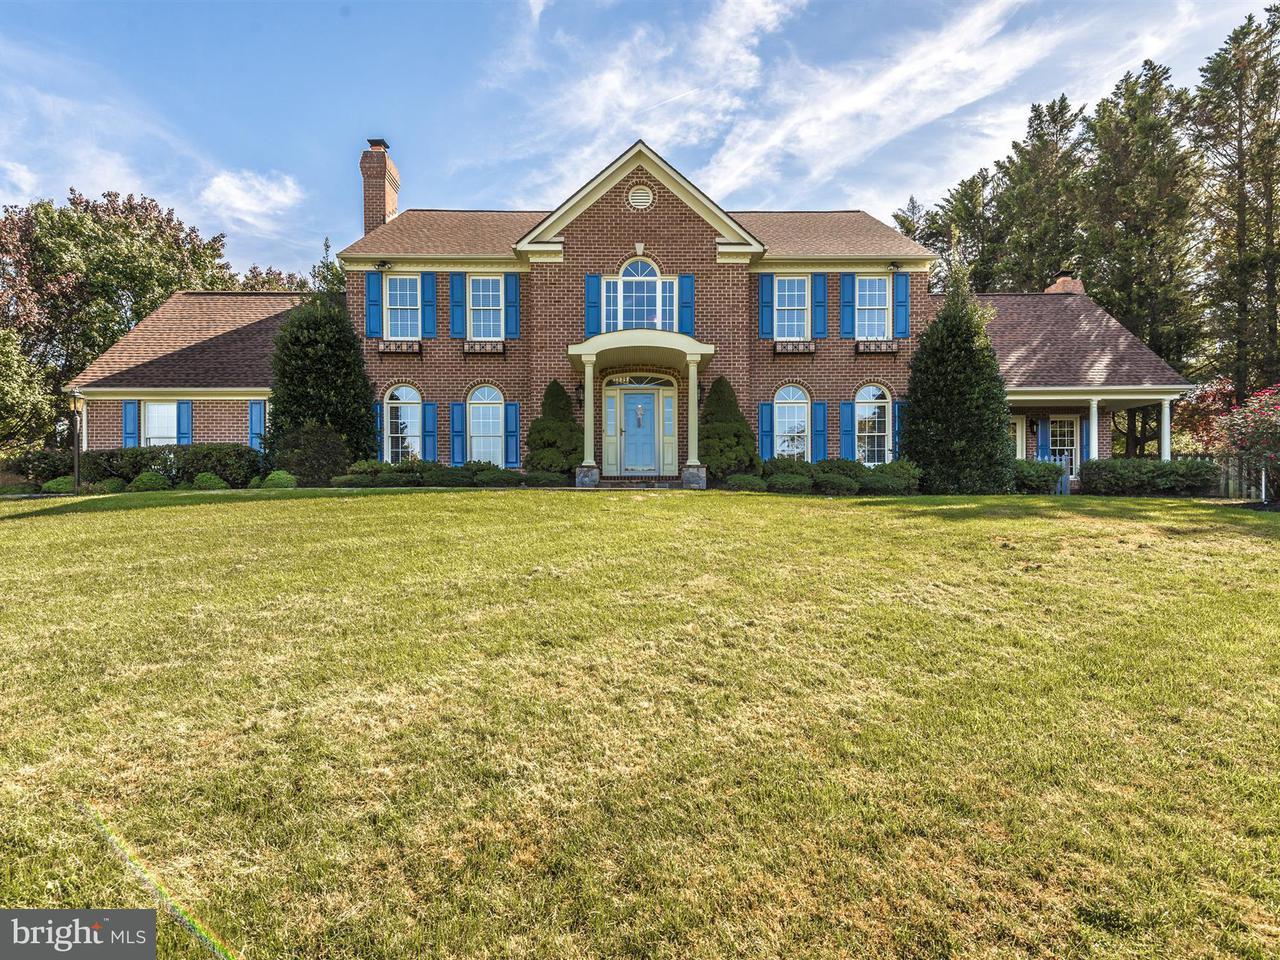 獨棟家庭住宅 為 出售 在 11703 Glenwood Court 11703 Glenwood Court Ijamsville, 馬里蘭州 21754 美國